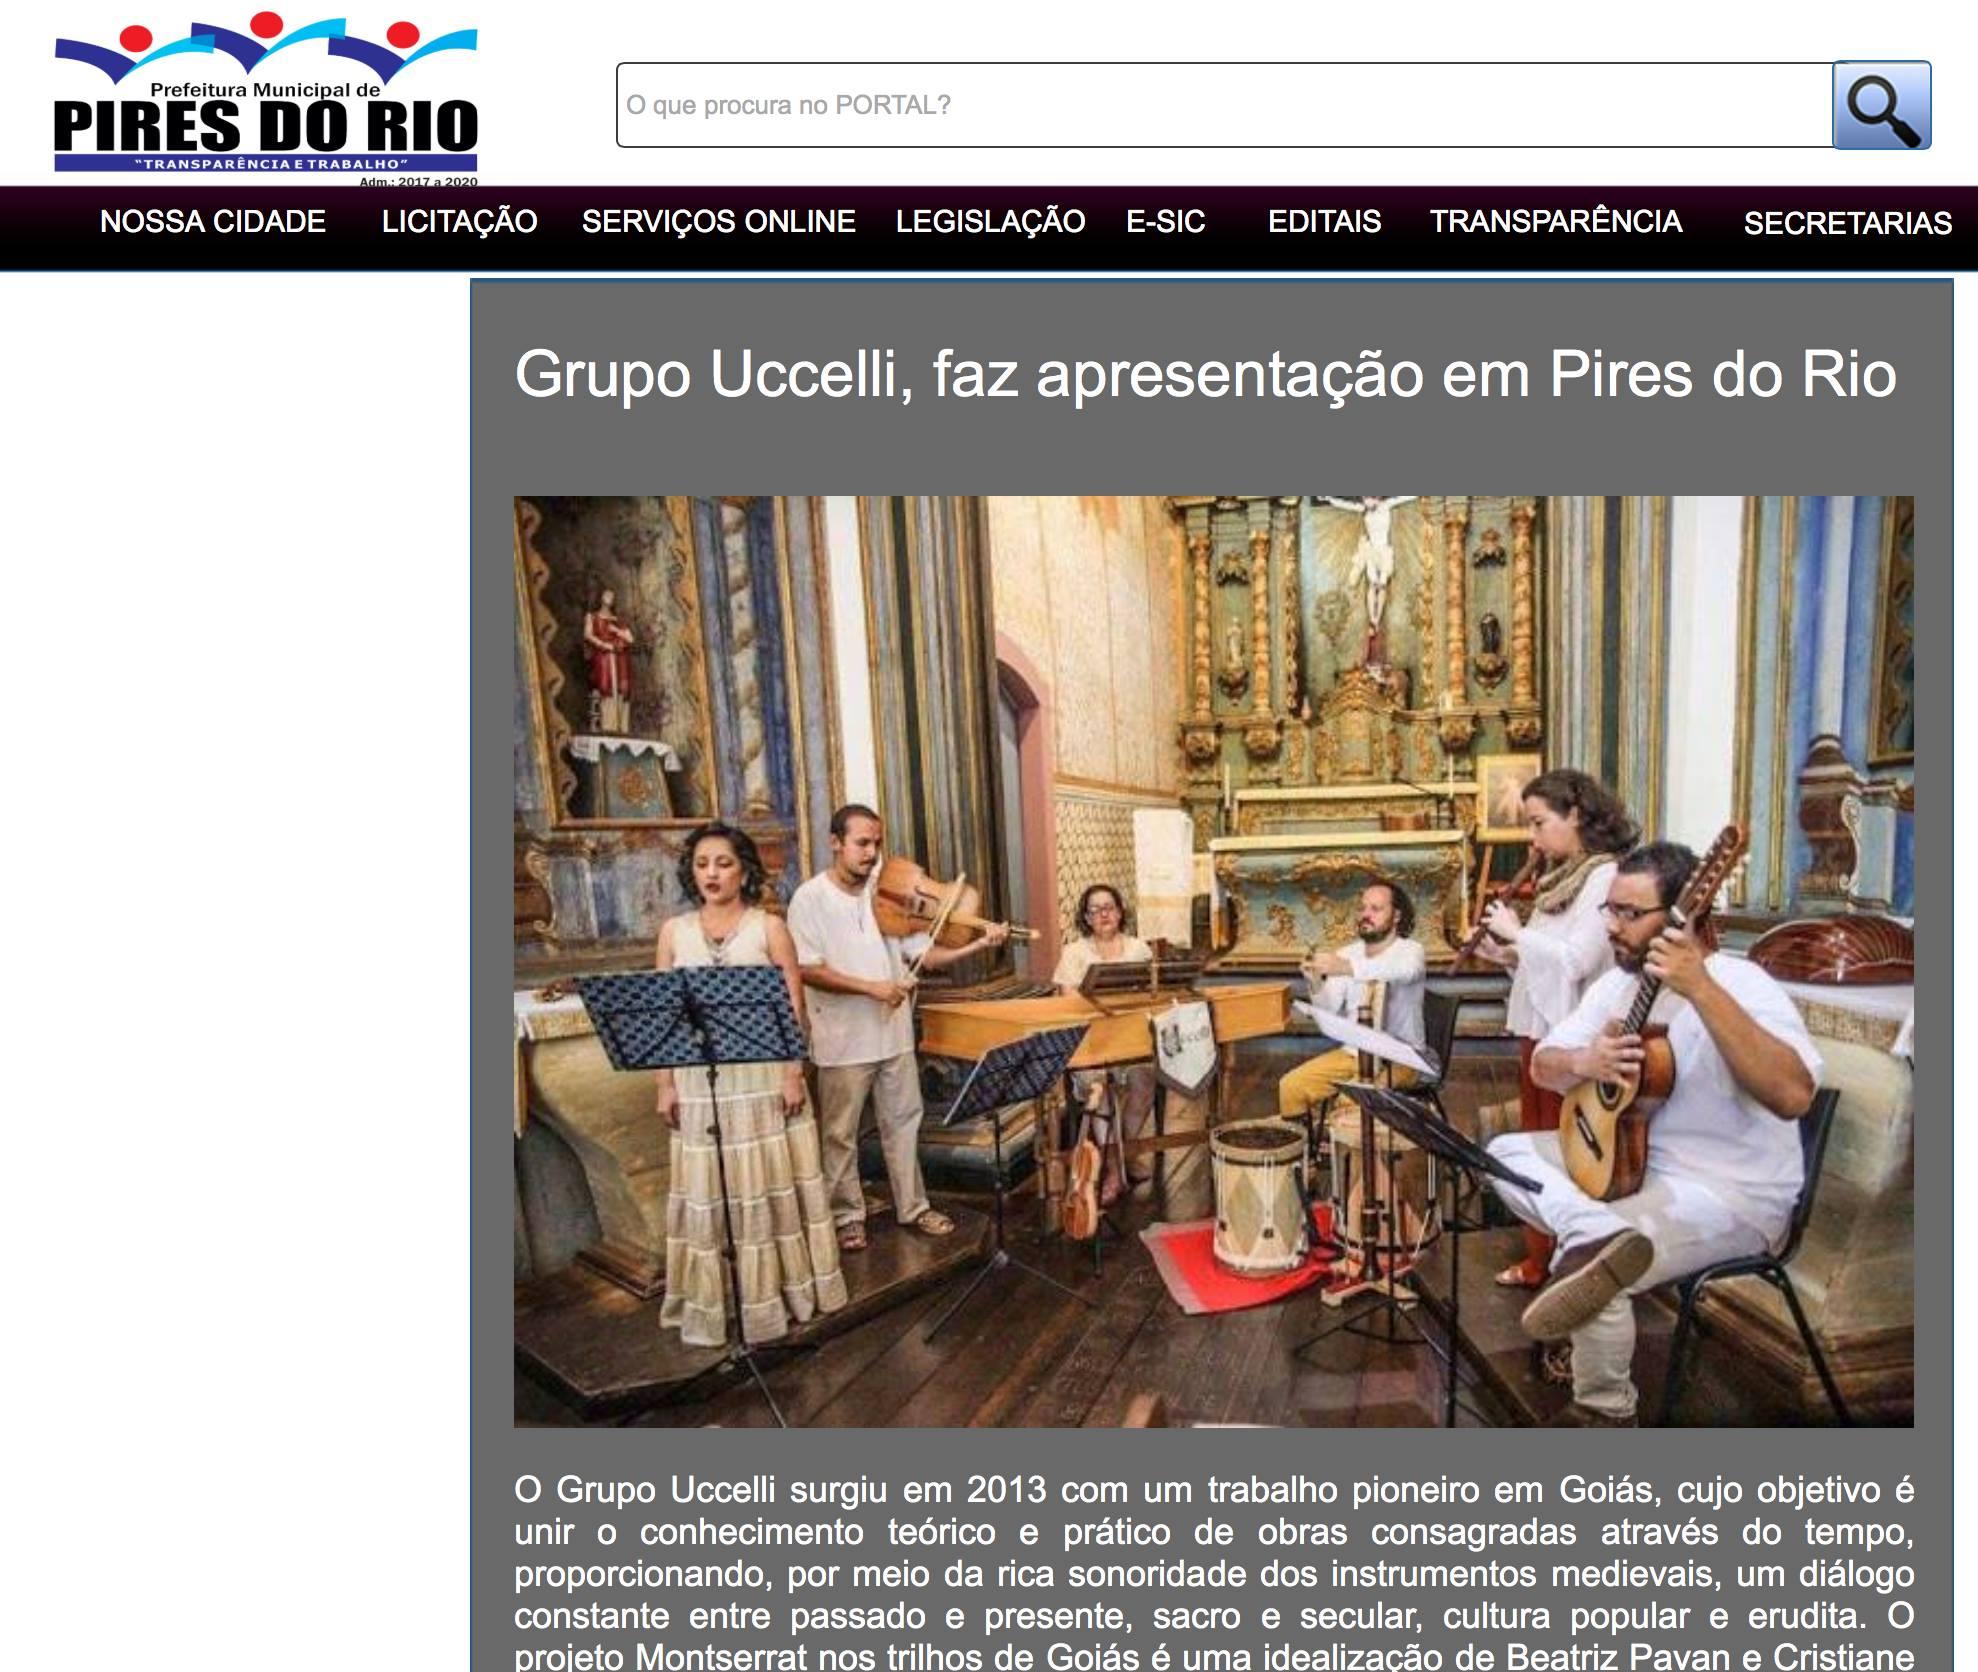 Prefeitura de Pires do Rio